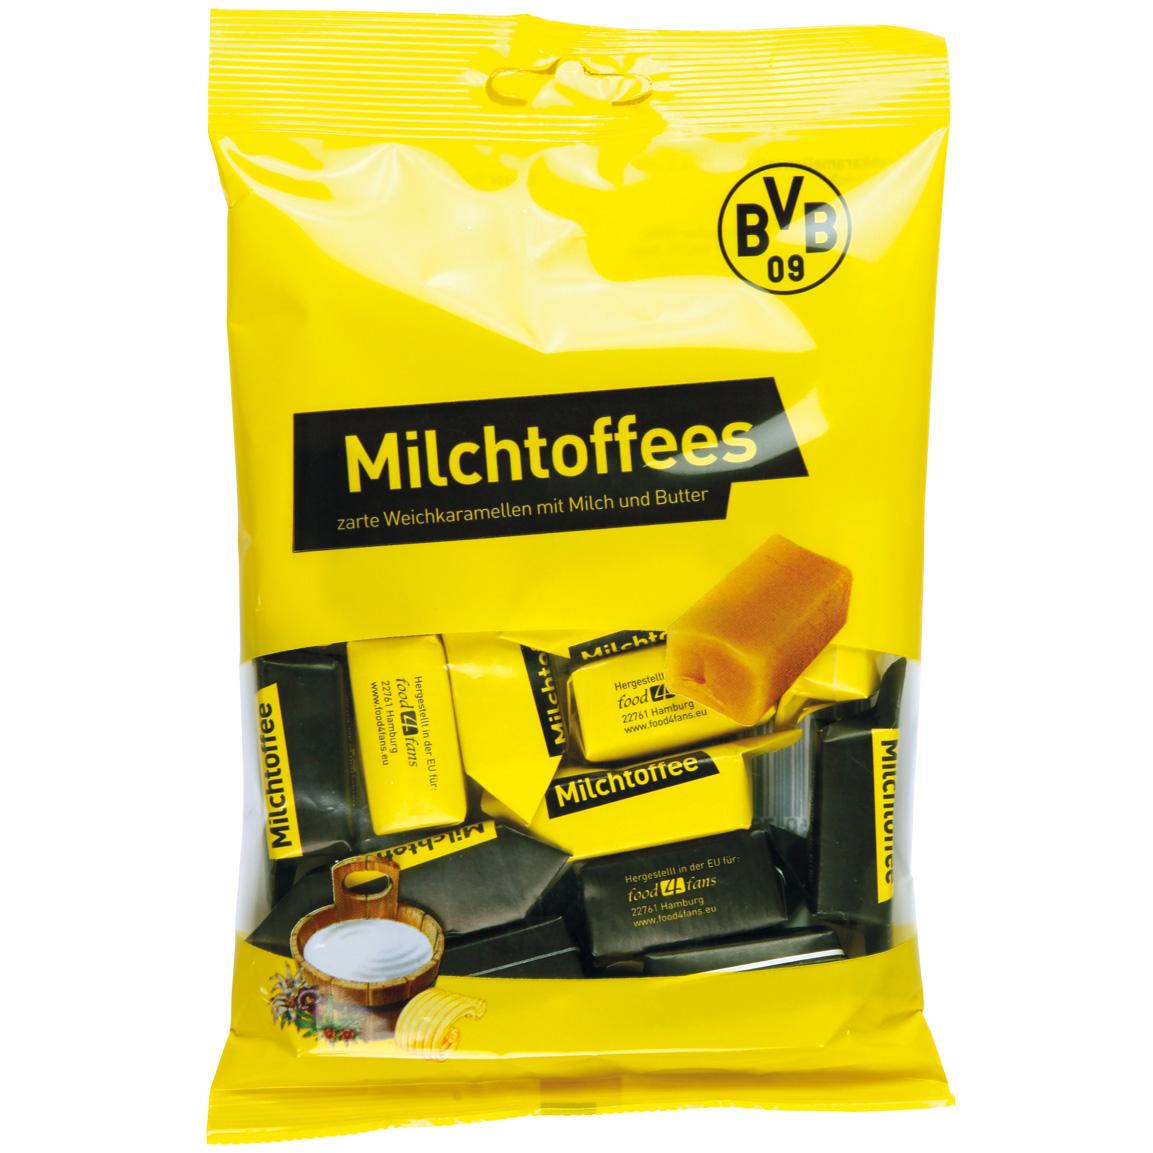 Borussia Dortmund Bvb Milchtoffees Online Kaufen Im